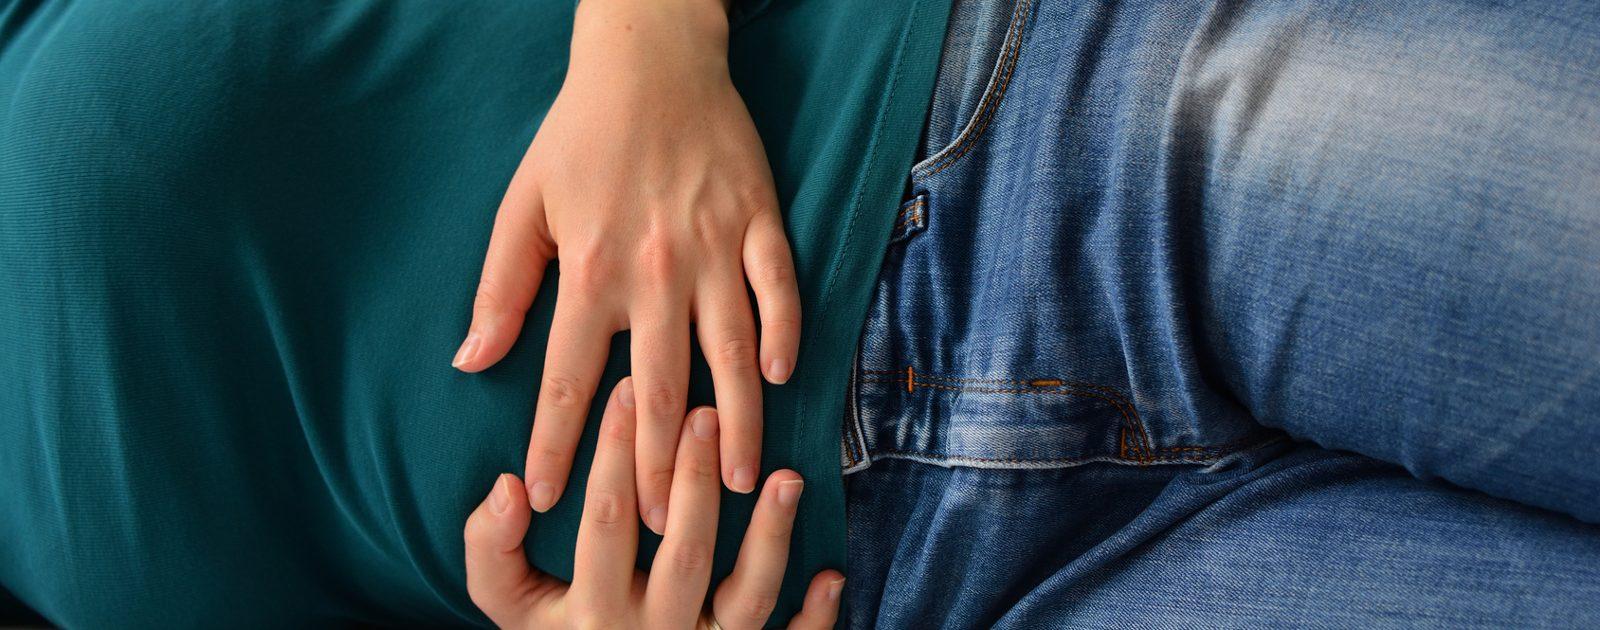 Ein Darmverschluss geht meist mit krampfartigen Bauchschmerzen, Übelkeit und fehlendem Stuhlgang einher